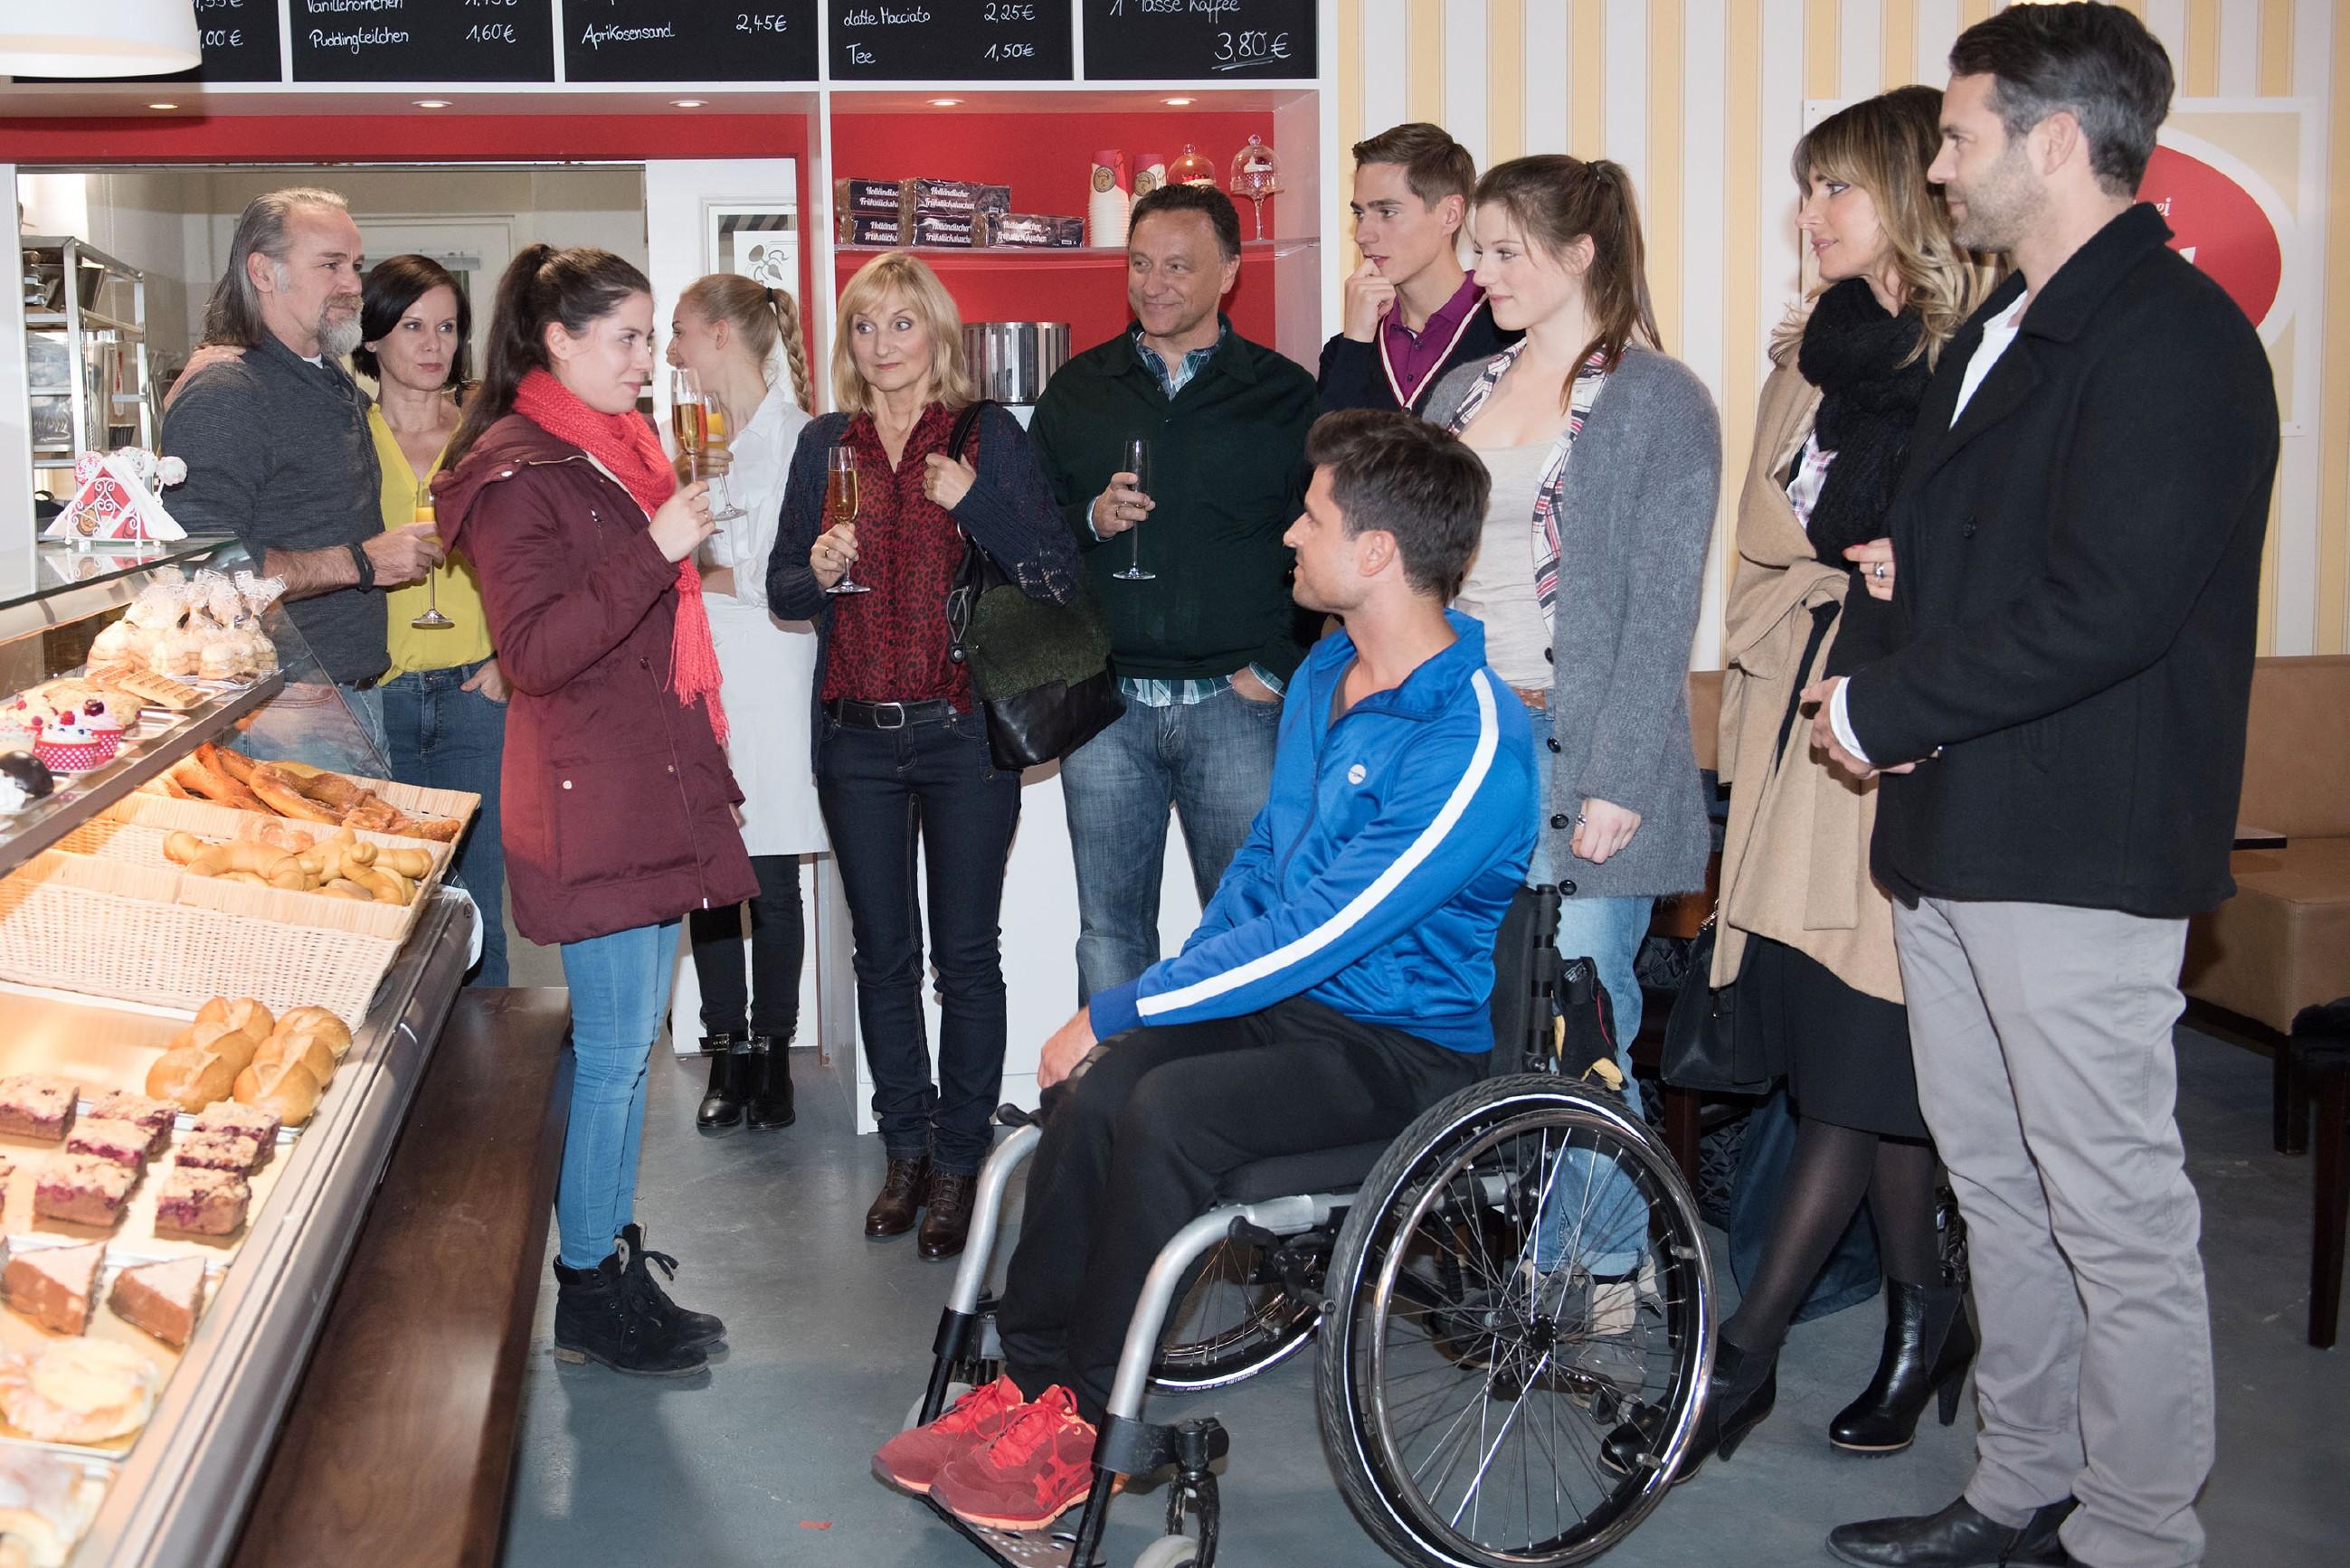 Sina (Valea Katharina Scalabrino, vorne l.) bedankt sich bei (v.r. hinten) Robert (Luca Maric), Irene (Petra Blossey), Fiona (Olivia Burkhart), Susanne (Petra Nadolny), Uli (Frank Voß), Ringo (Timothy Boldt), Elli (Nora Koppen), Eva (Claudelle Deckert), Till (Ben Ruedinger) und Paco (Milos Vukovic, vorne) für ihre Unterstützung. (Quelle: RTL / Stefan Behrens)